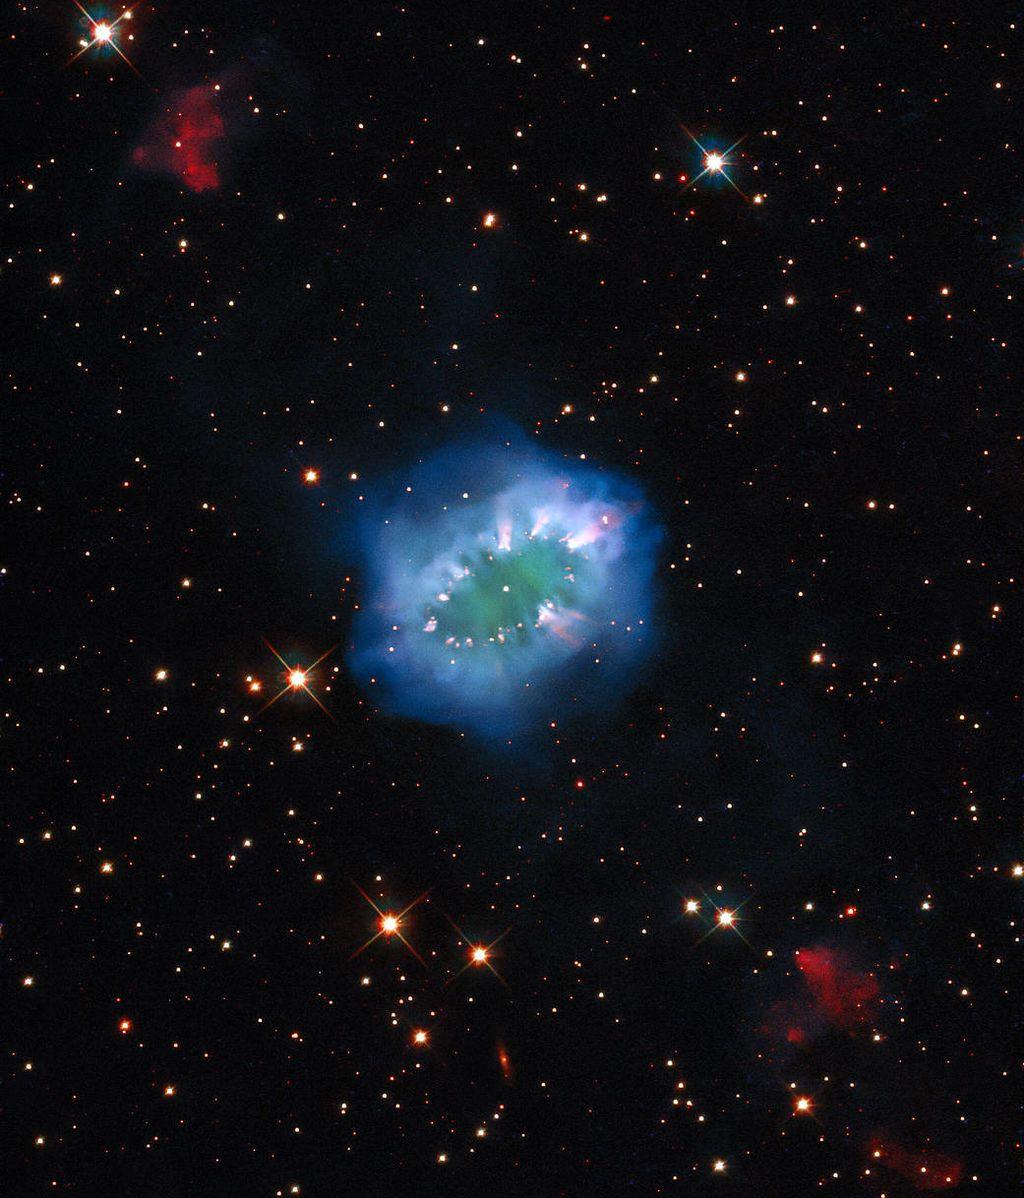 Hubble capta un espectacular 'collar cósmico' a 15.000 años luz de la Tierra